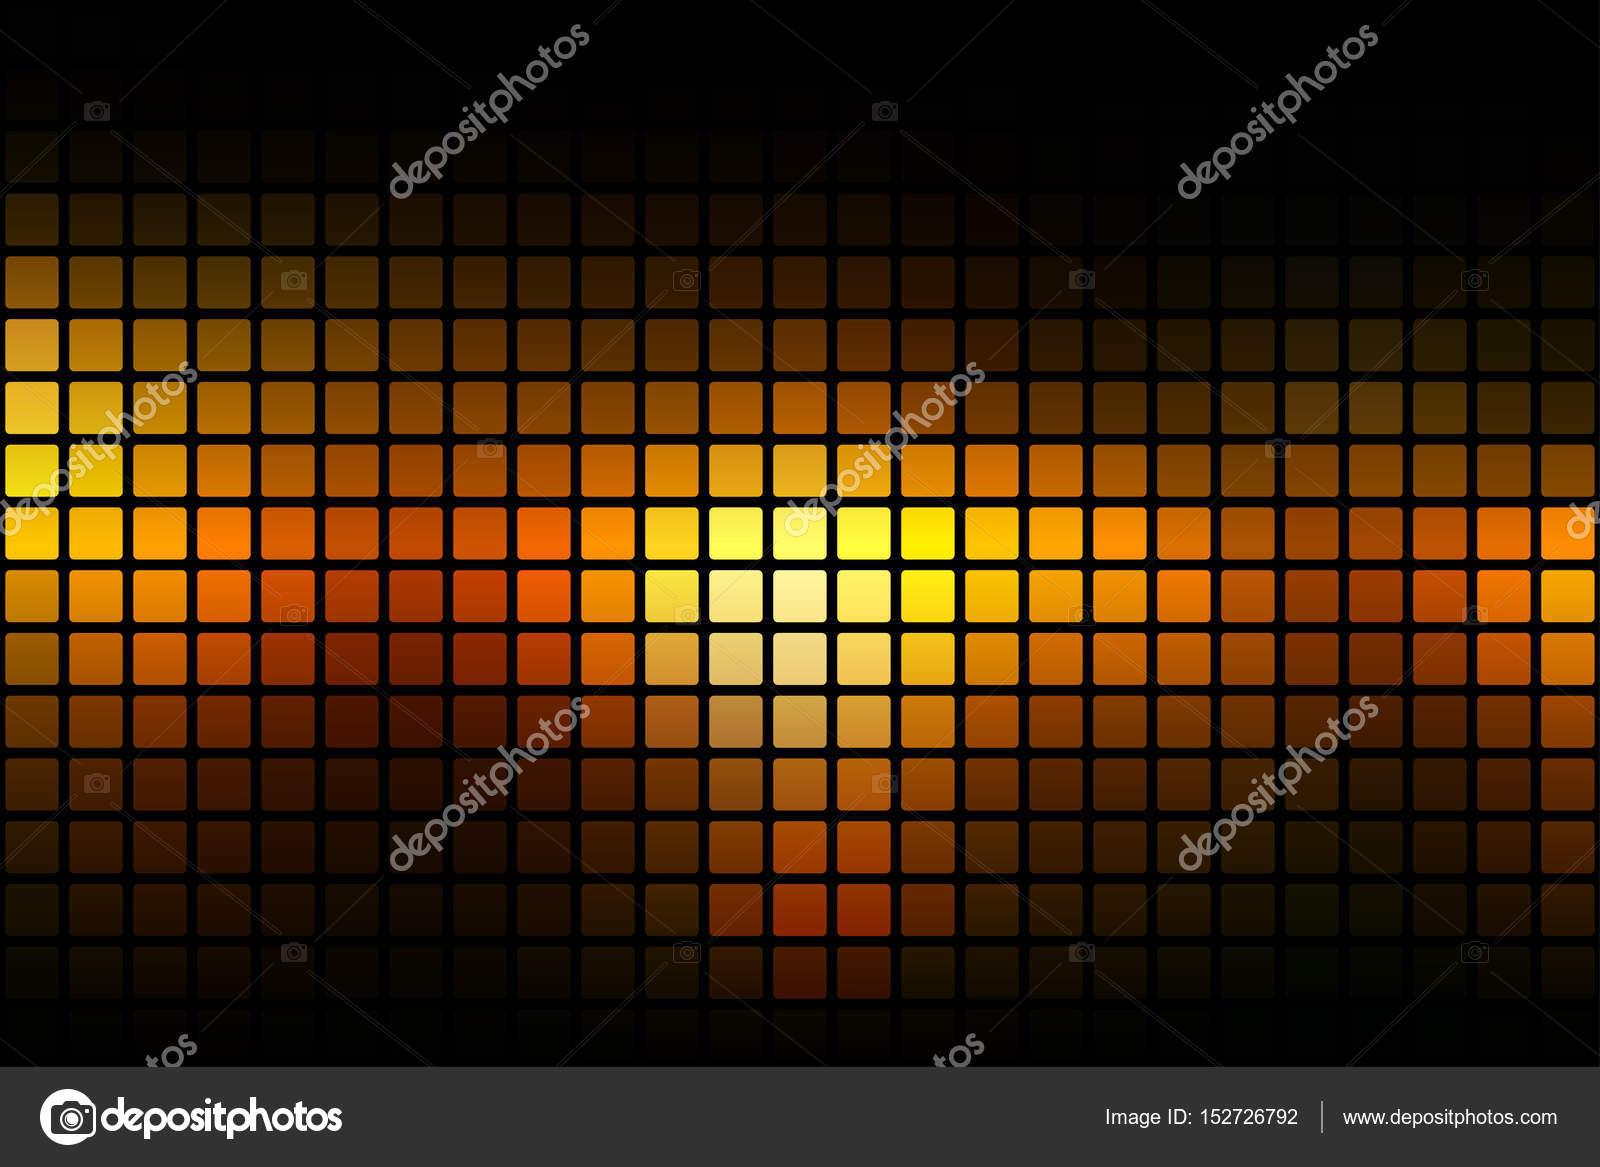 Estratto giallo arancione nero arrotondato sfondo mosaico sopra